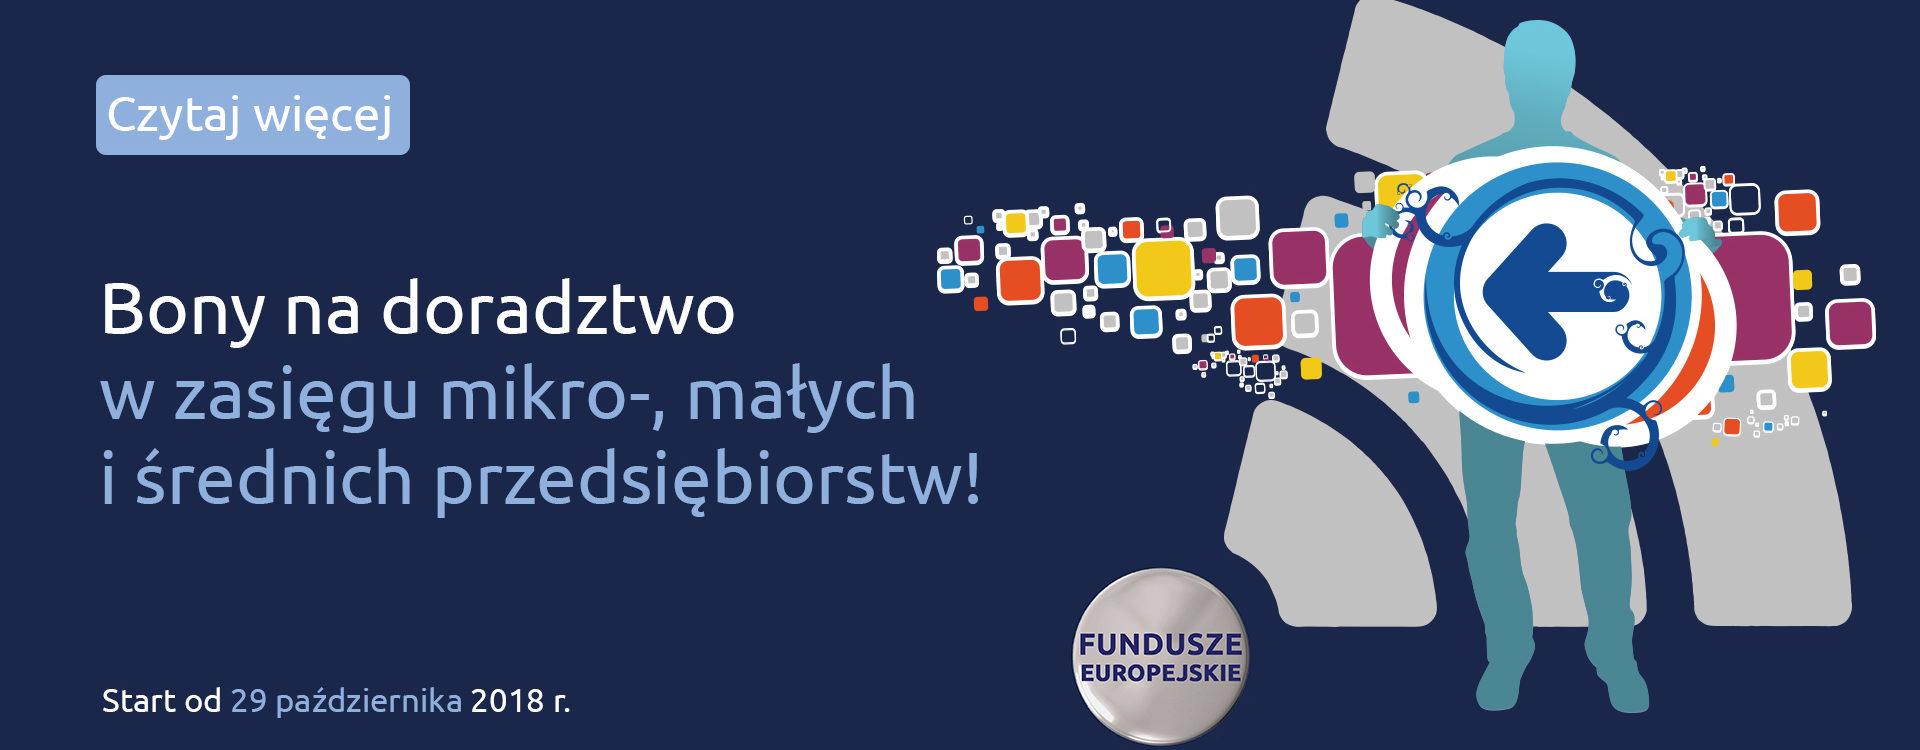 8,5 mln zł na usługi doradcze wspierające rozwój mazowieckich firm